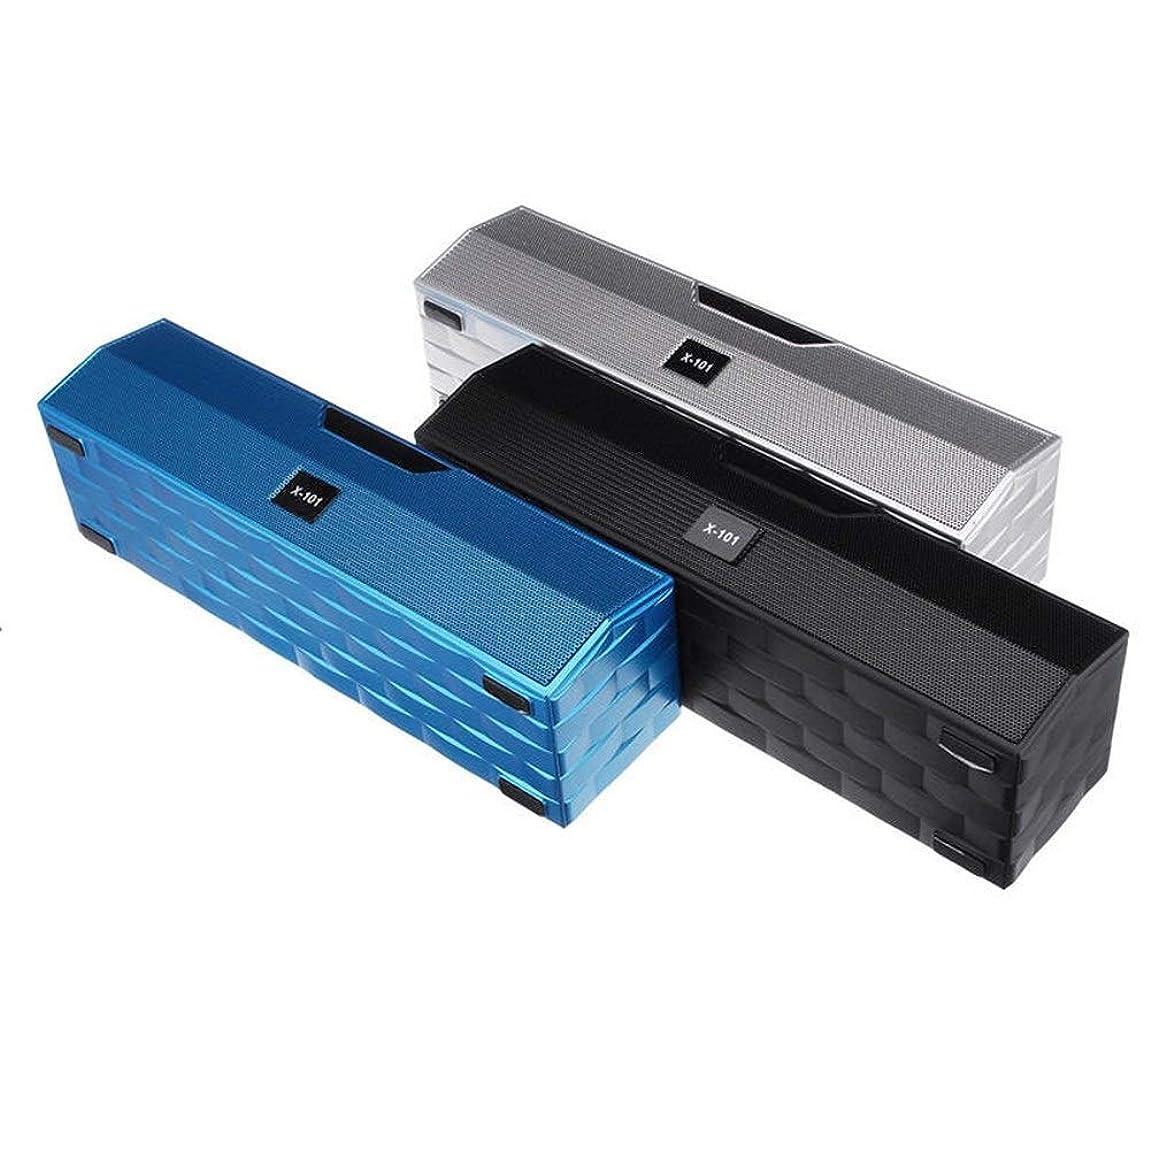 団結称賛製造業ZUIANSHANG ワイヤレスBluetoothスピーカーマイクポータブルアウトドアとFMラジオTFカードUディスクフラッシュライトサブウーファースピーカー PCスピーカー (色 : Blue)